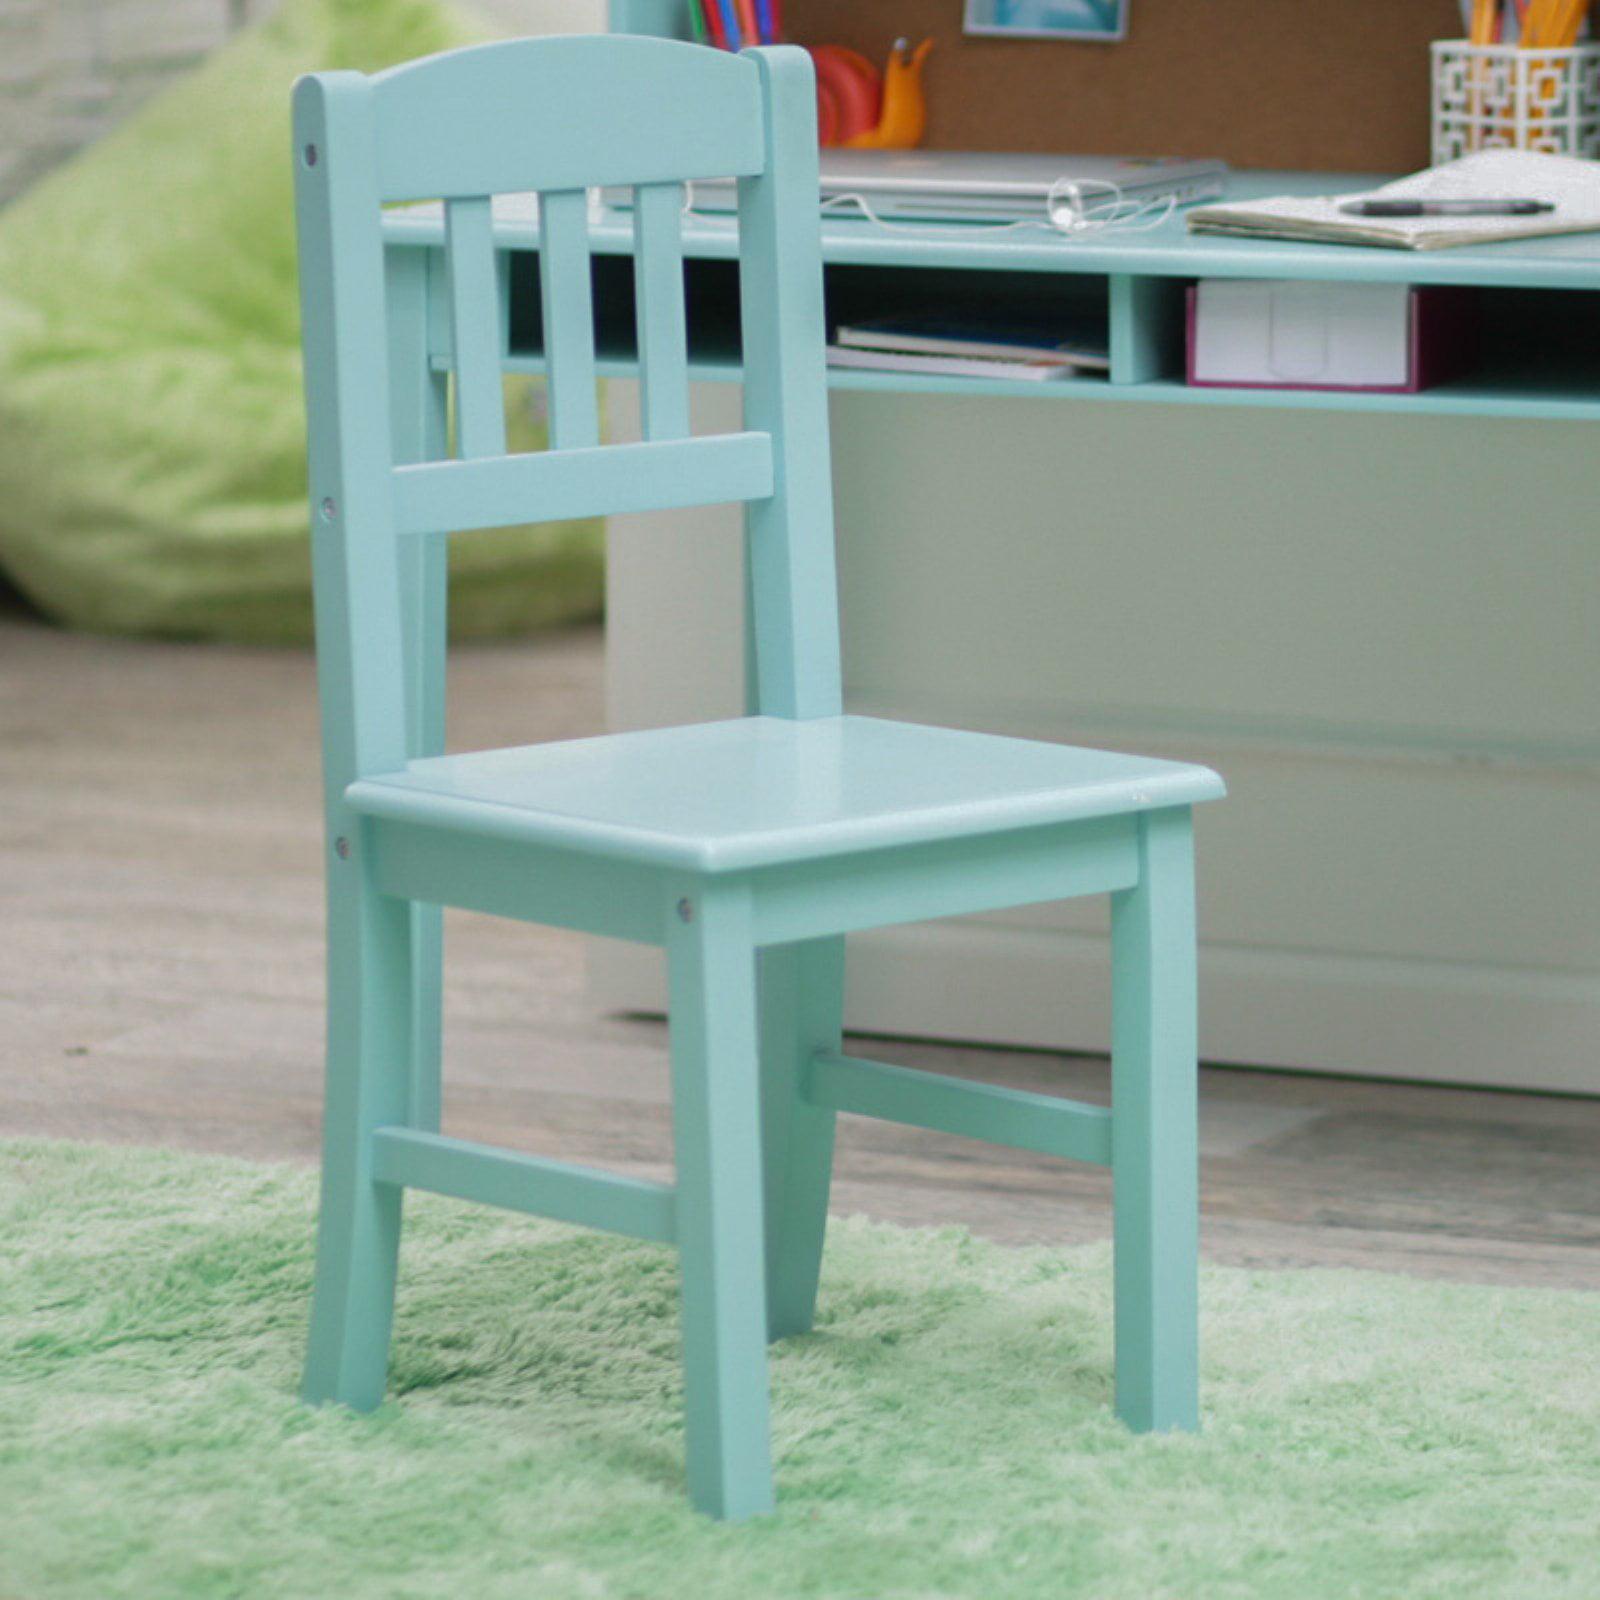 Guidecraft Media Desk & Chair Set - Teal - Walmart.com